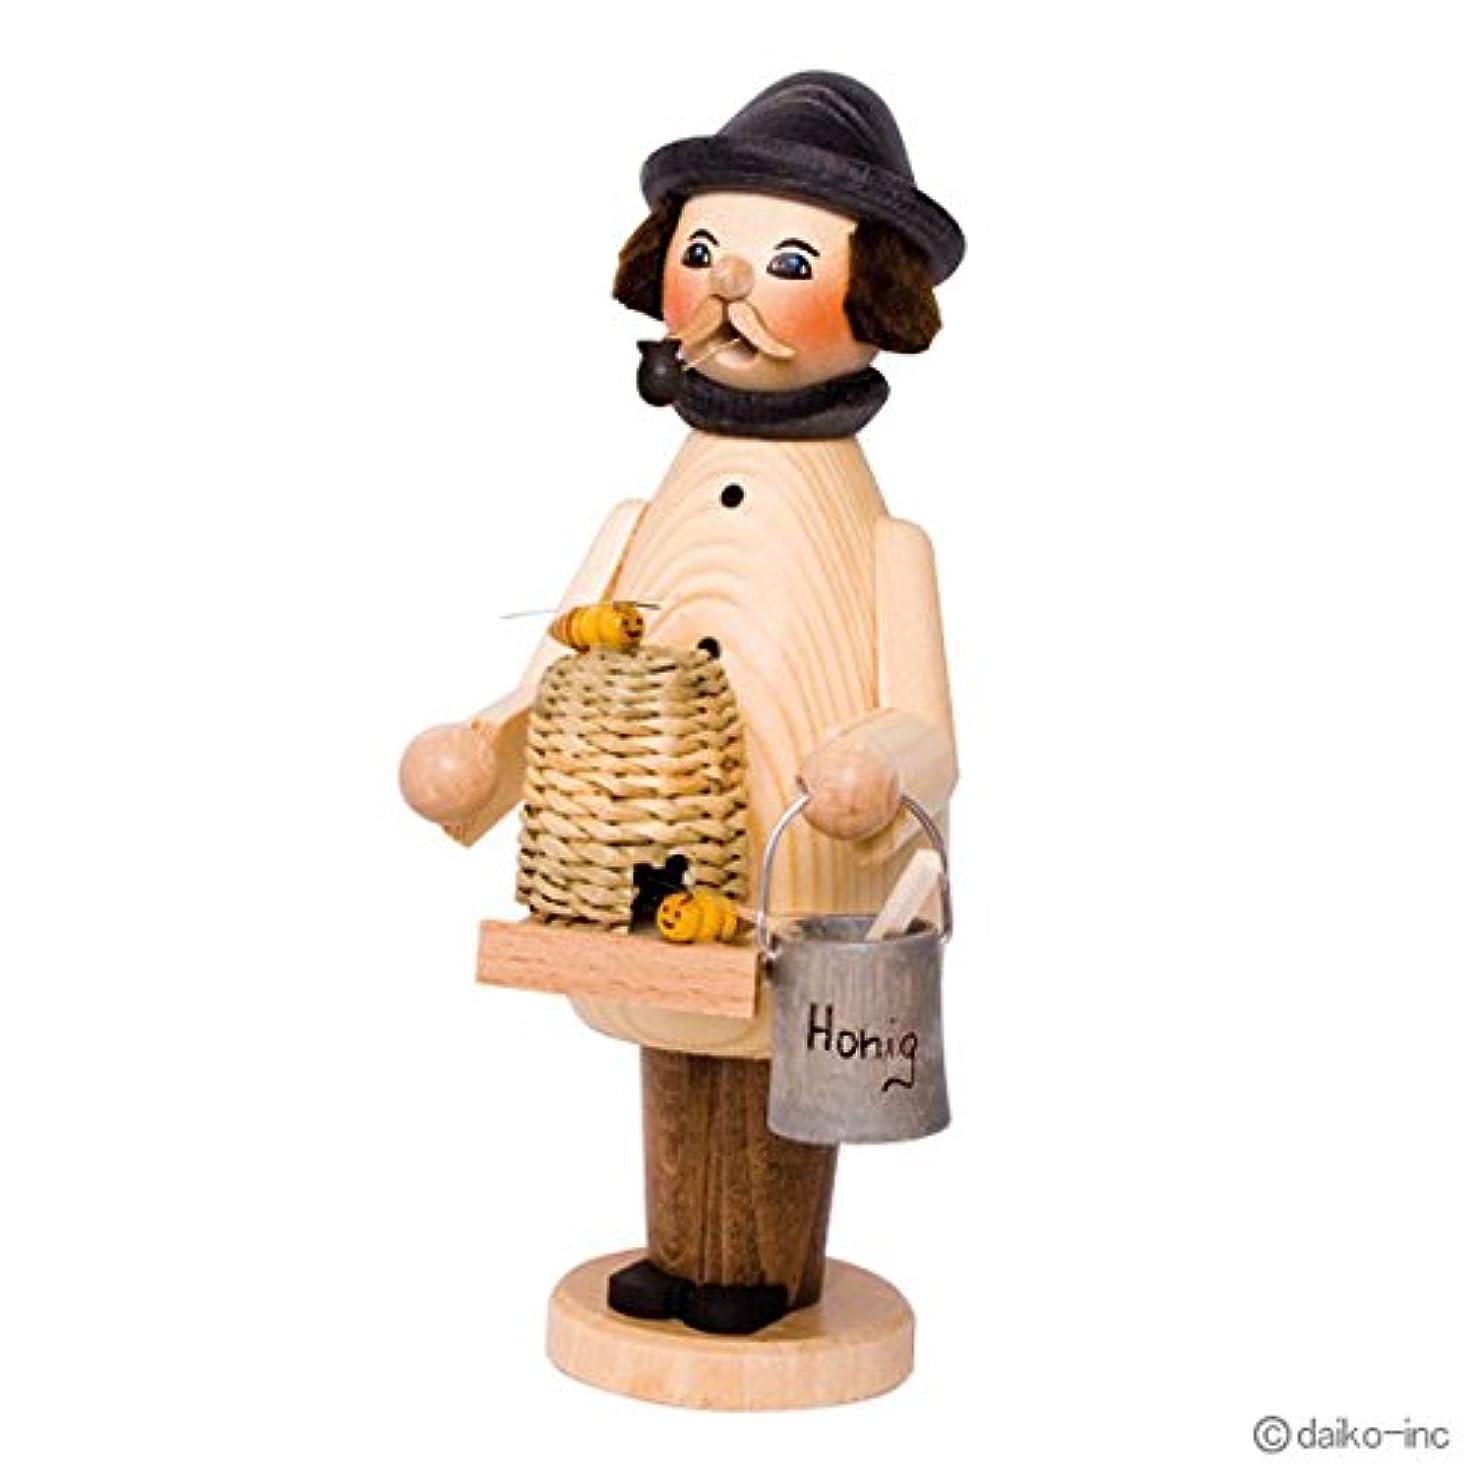 狐対応ベルkuhnert ミニパイプ人形香炉 養蜂家